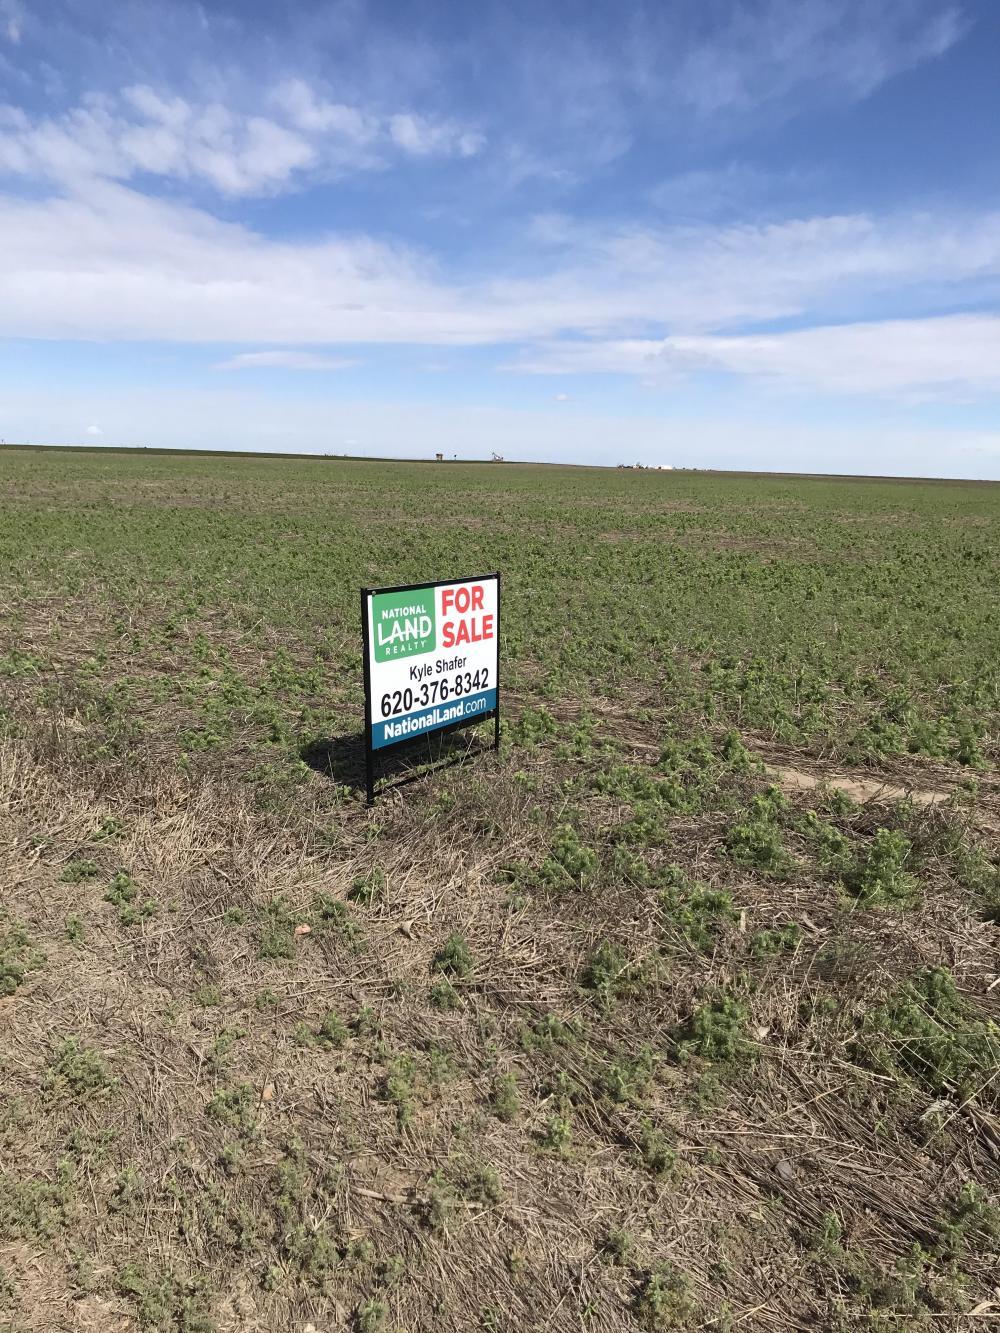 Dry Land Farm Ground For Sale in Finney, Kansas in Finney